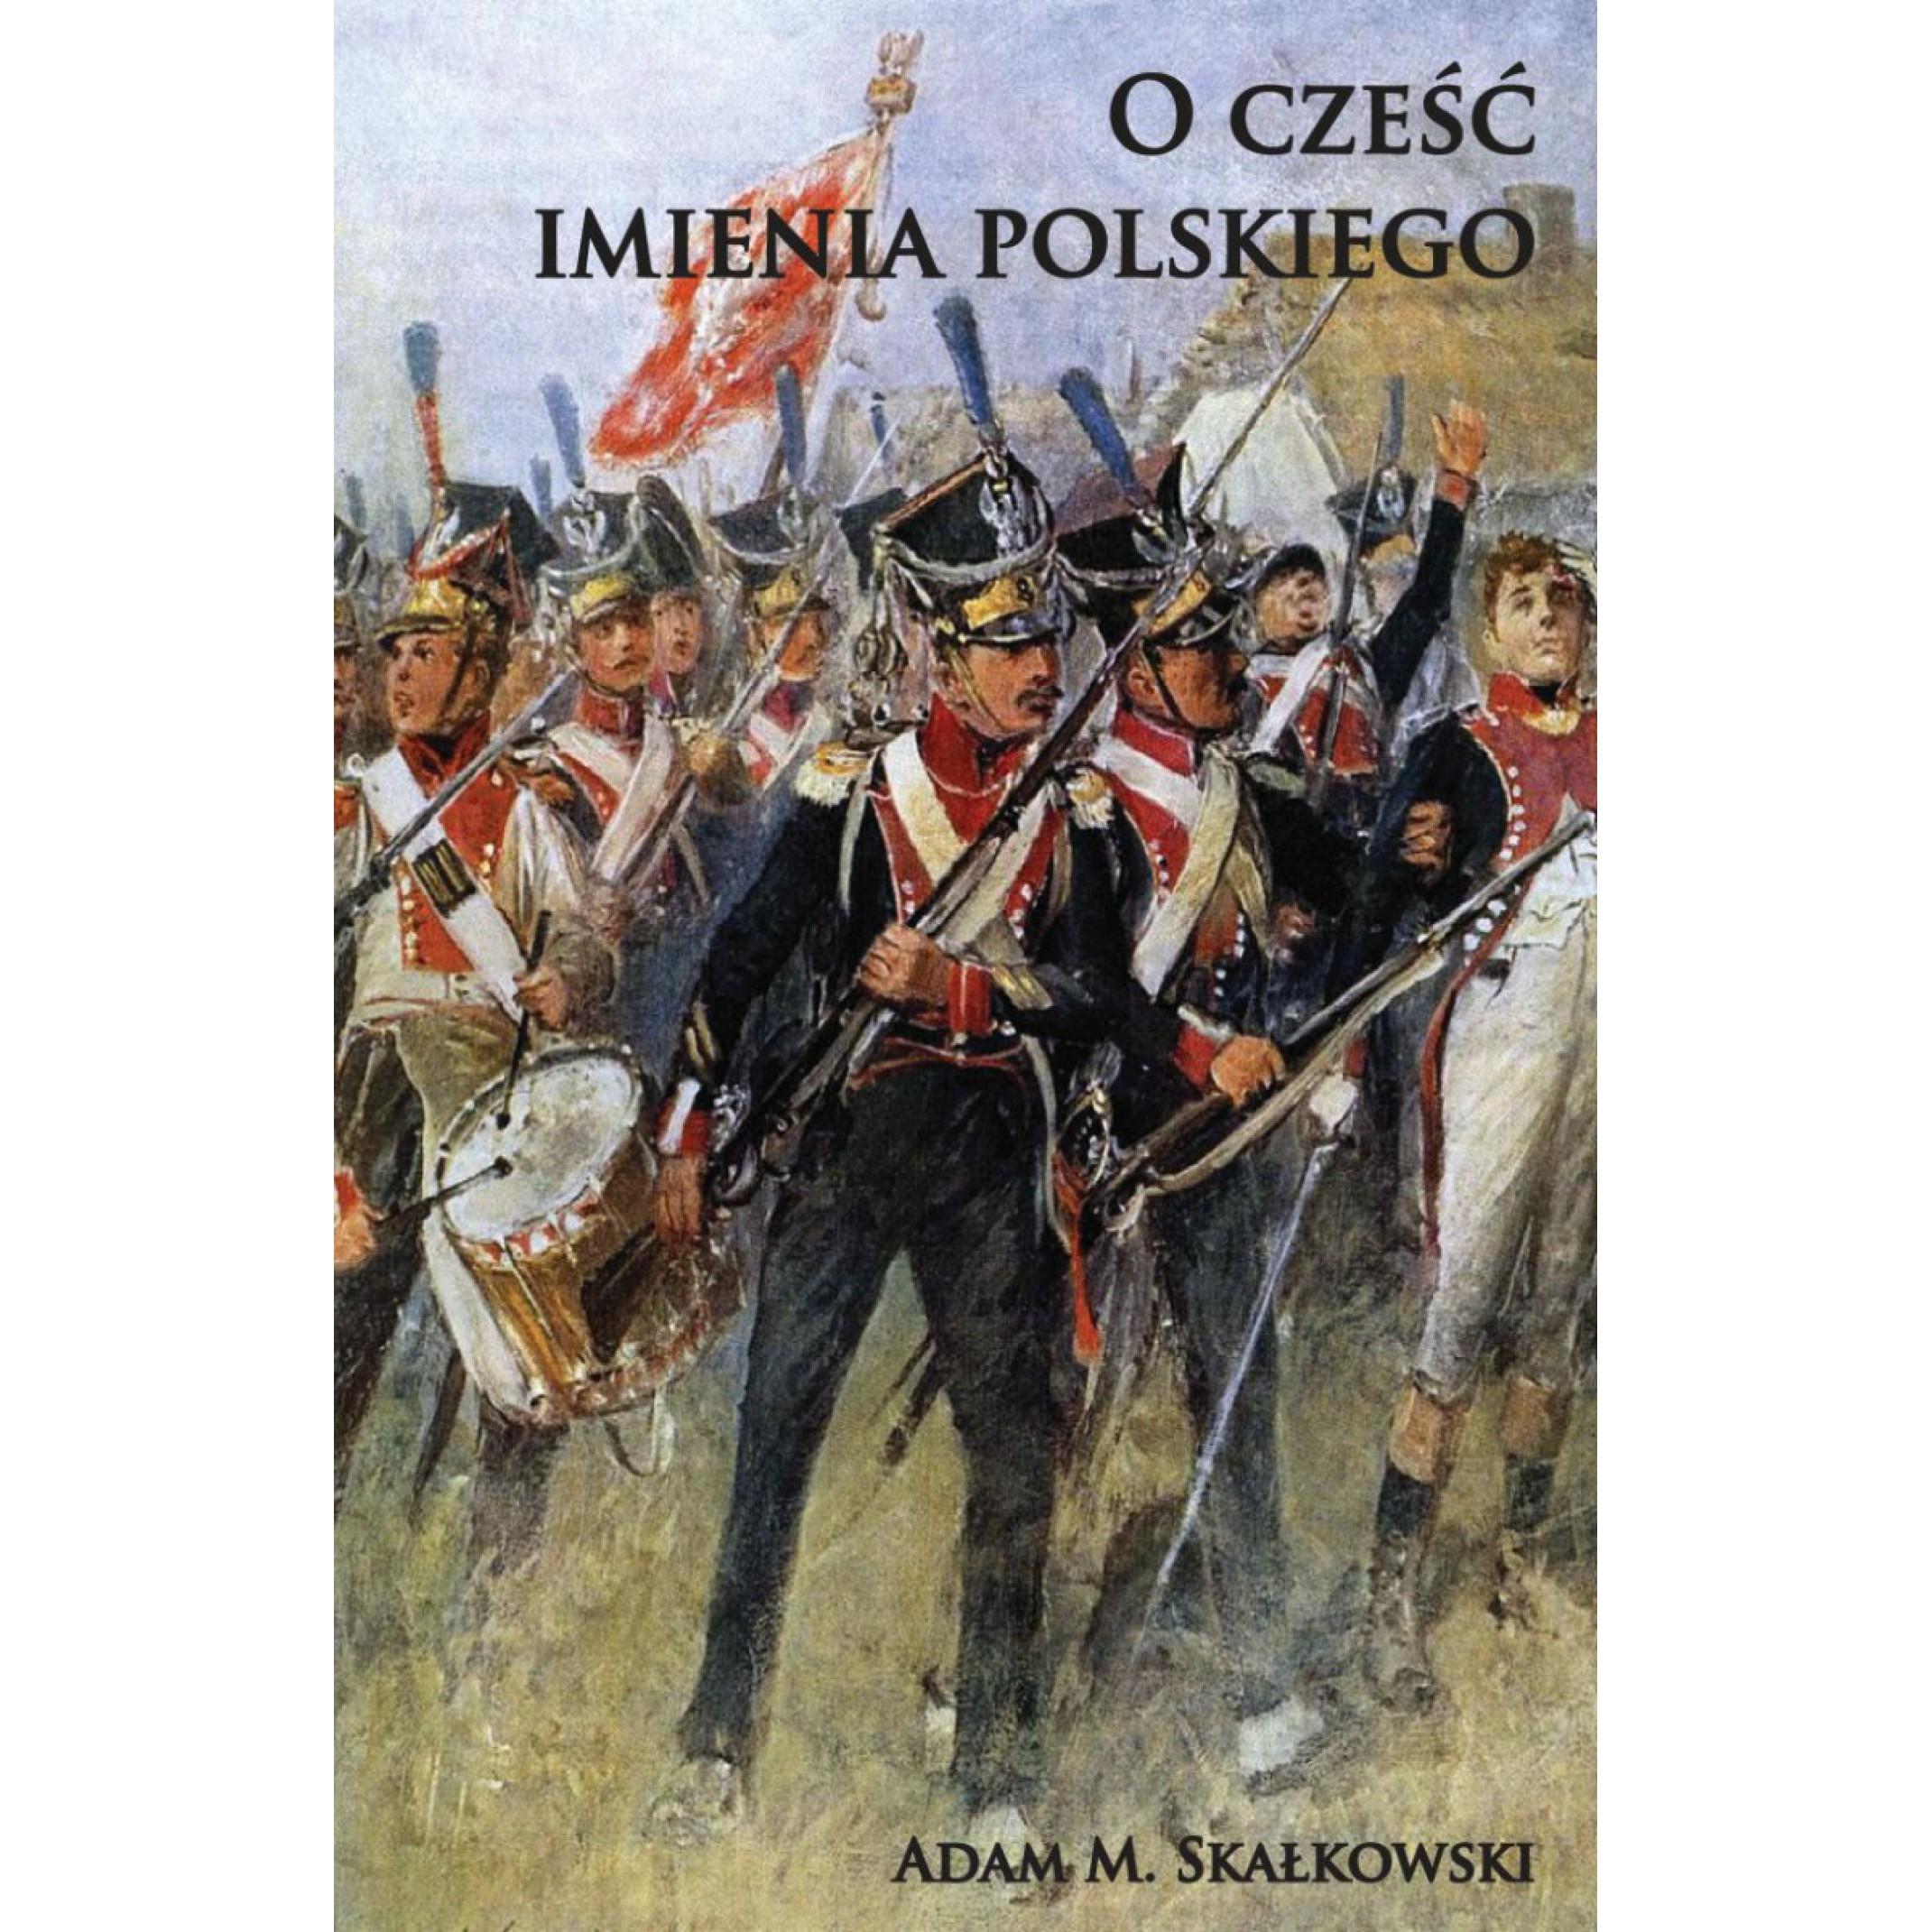 O cześć imienia polskiego